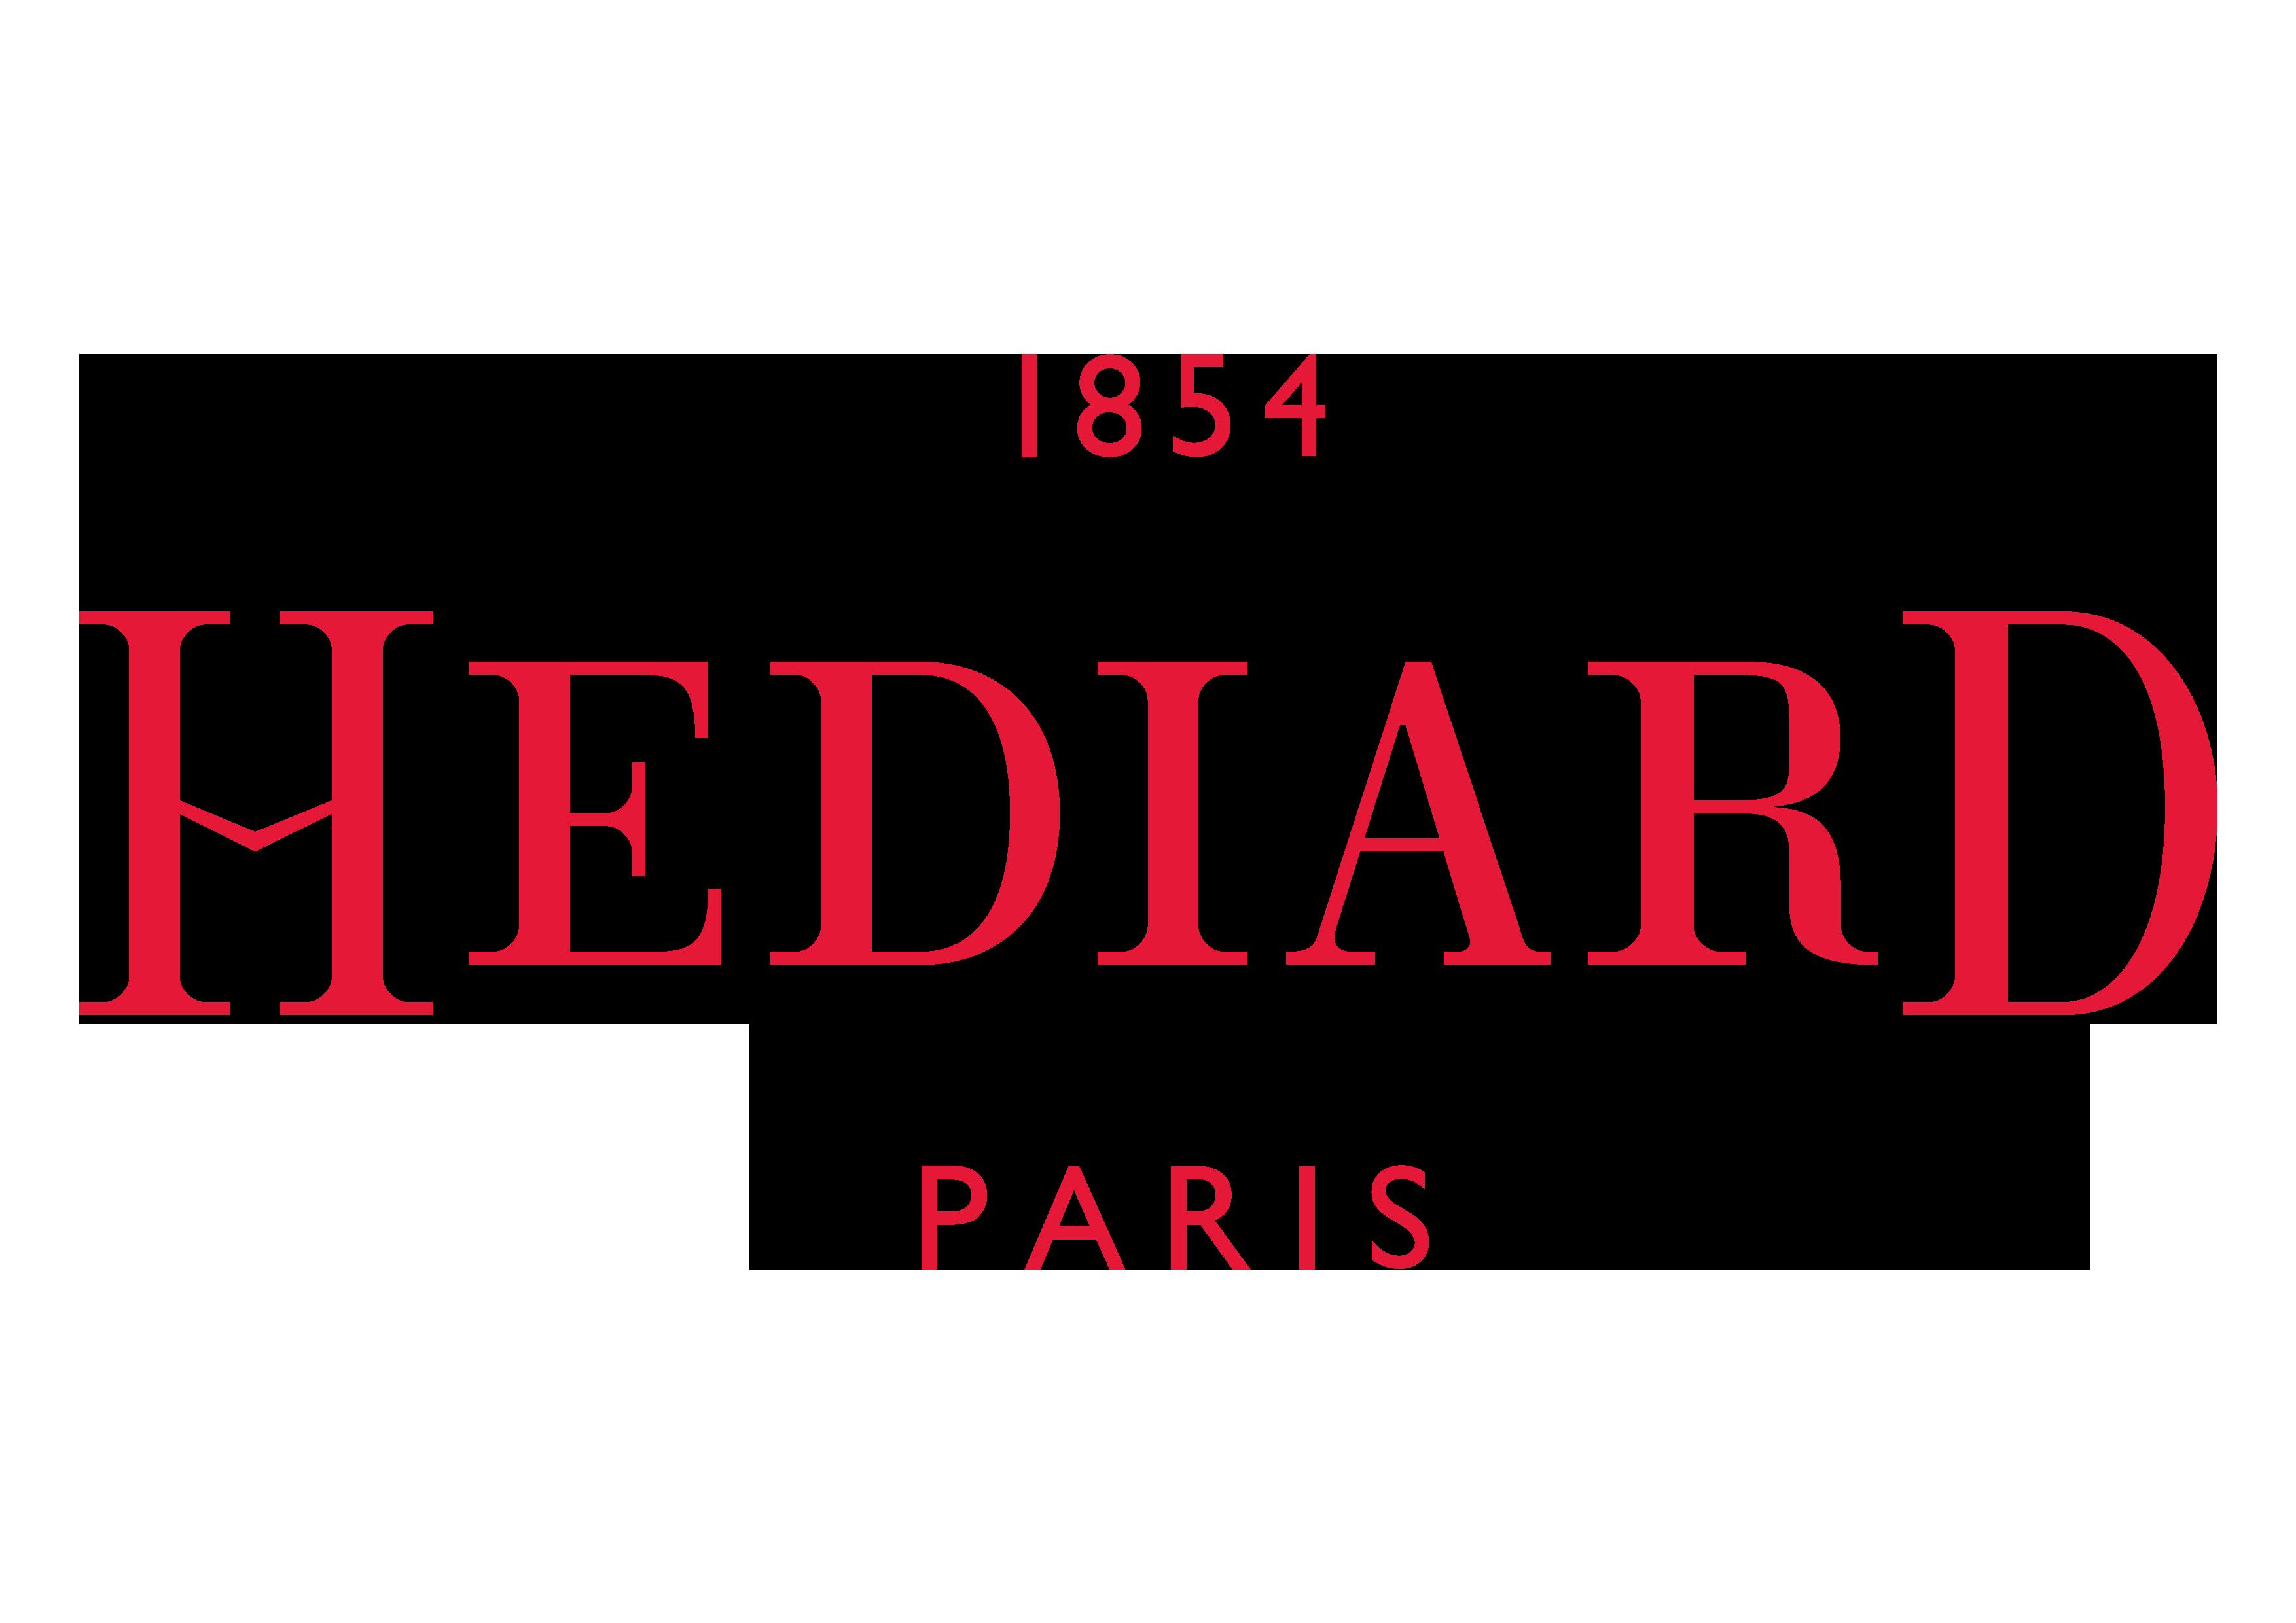 Hédiard